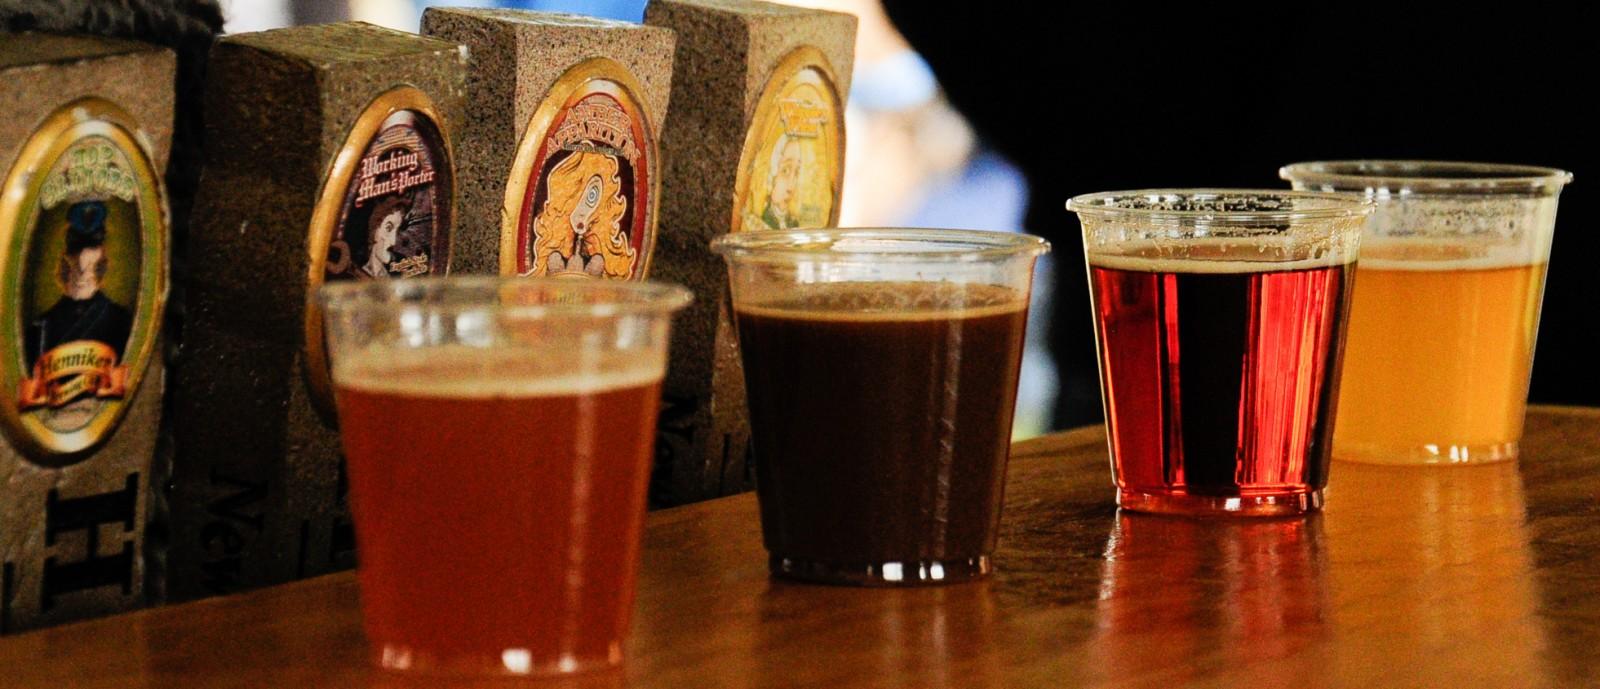 Порошковое пиво: что это и каковы особенности?